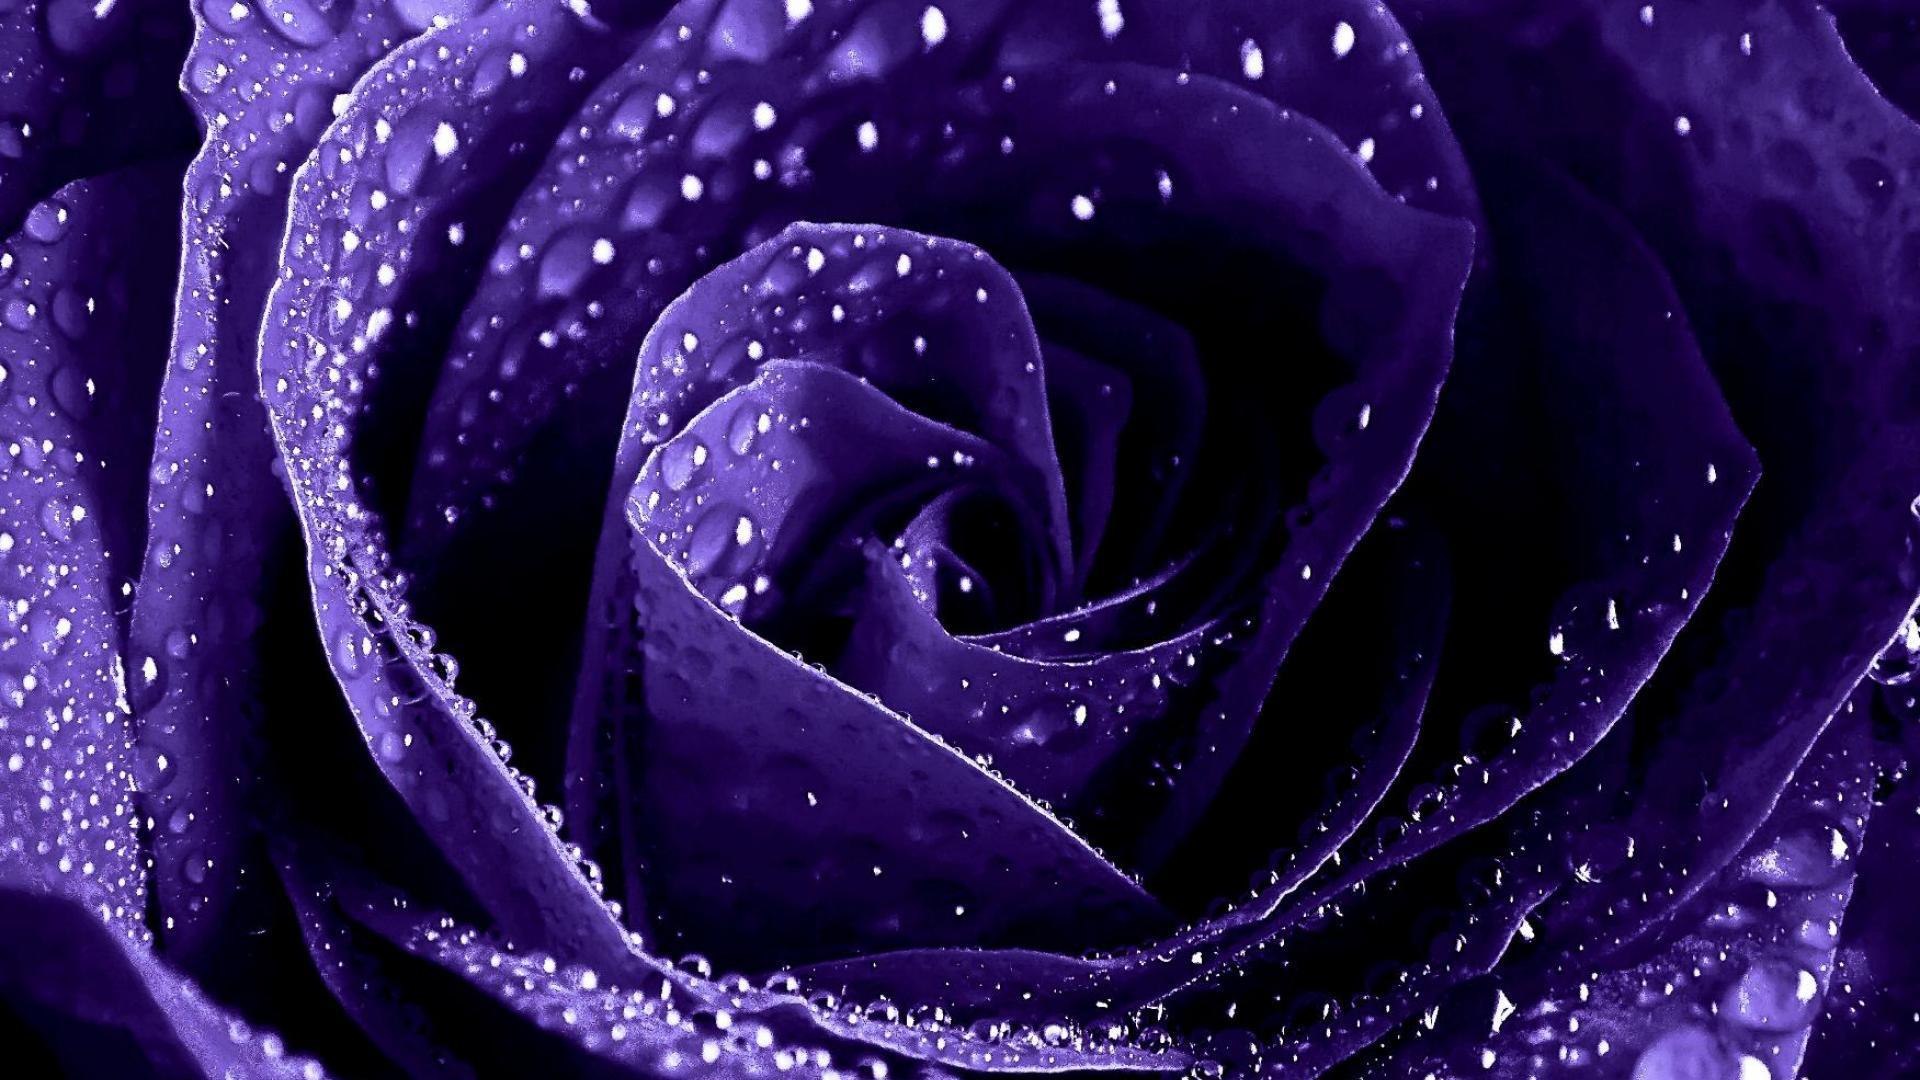 purple roses wallpaper  wallpapersafari, Beautiful flower